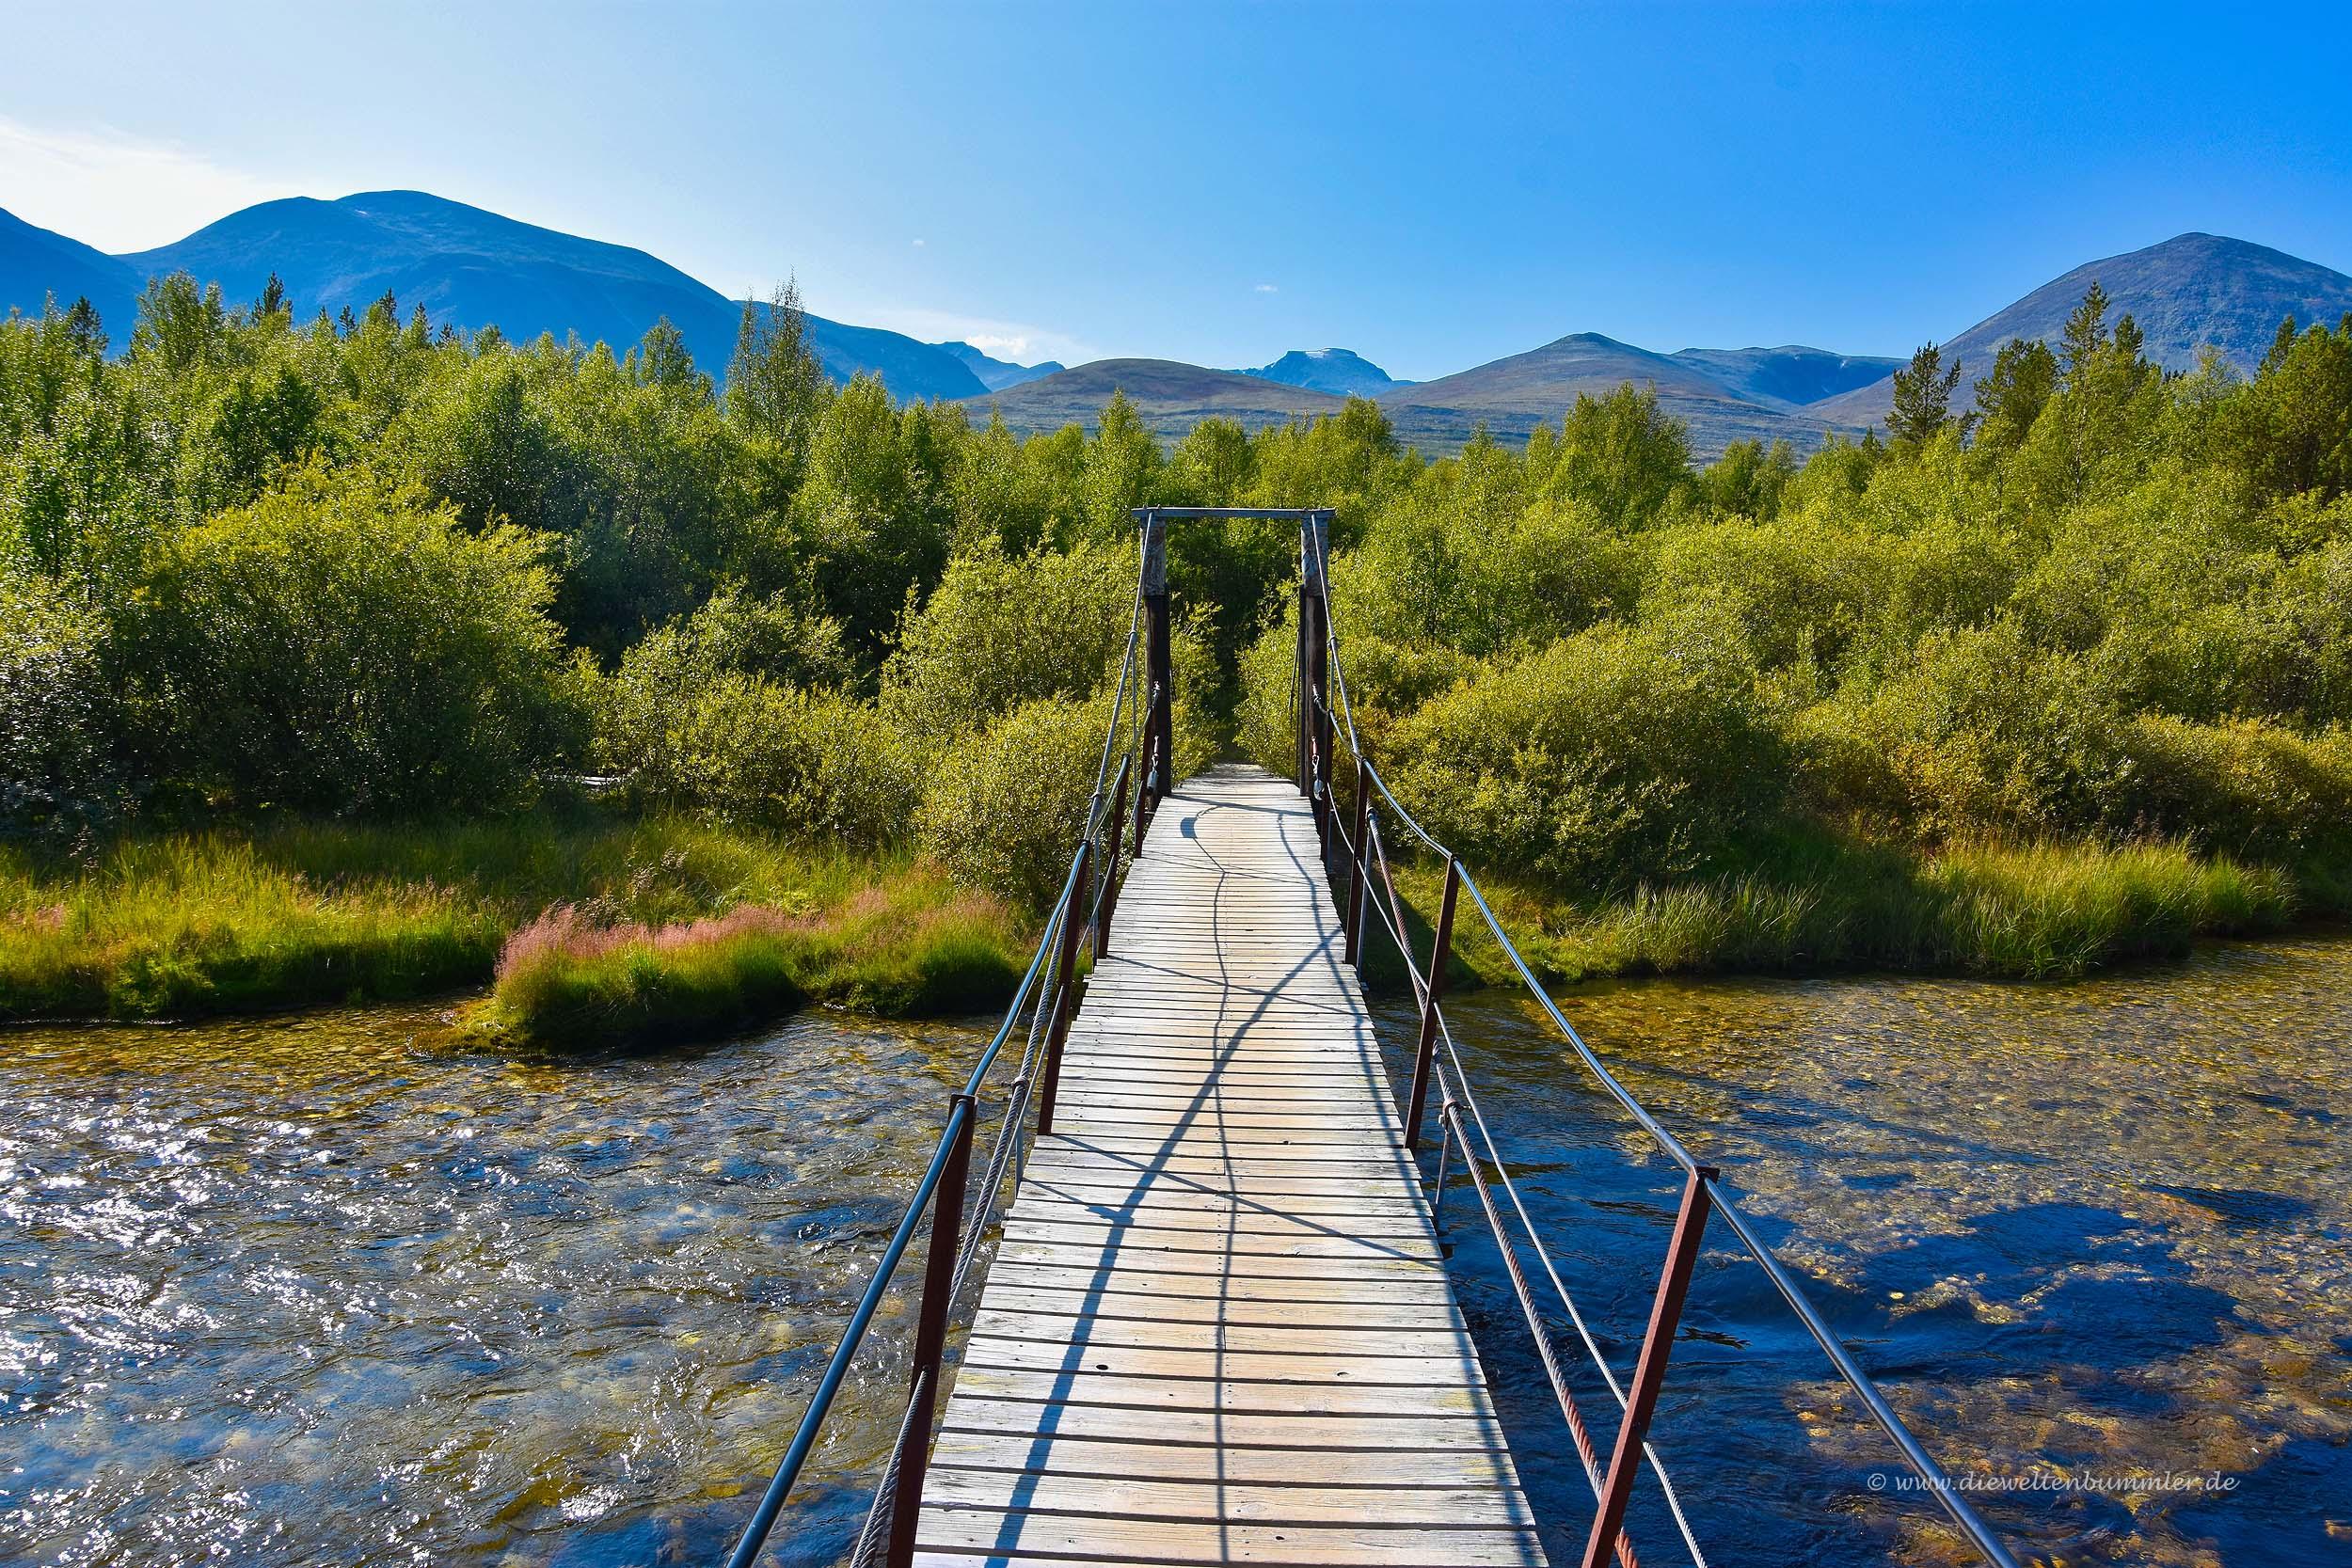 Die Brücke zeigt genau auf den Rondeslottet